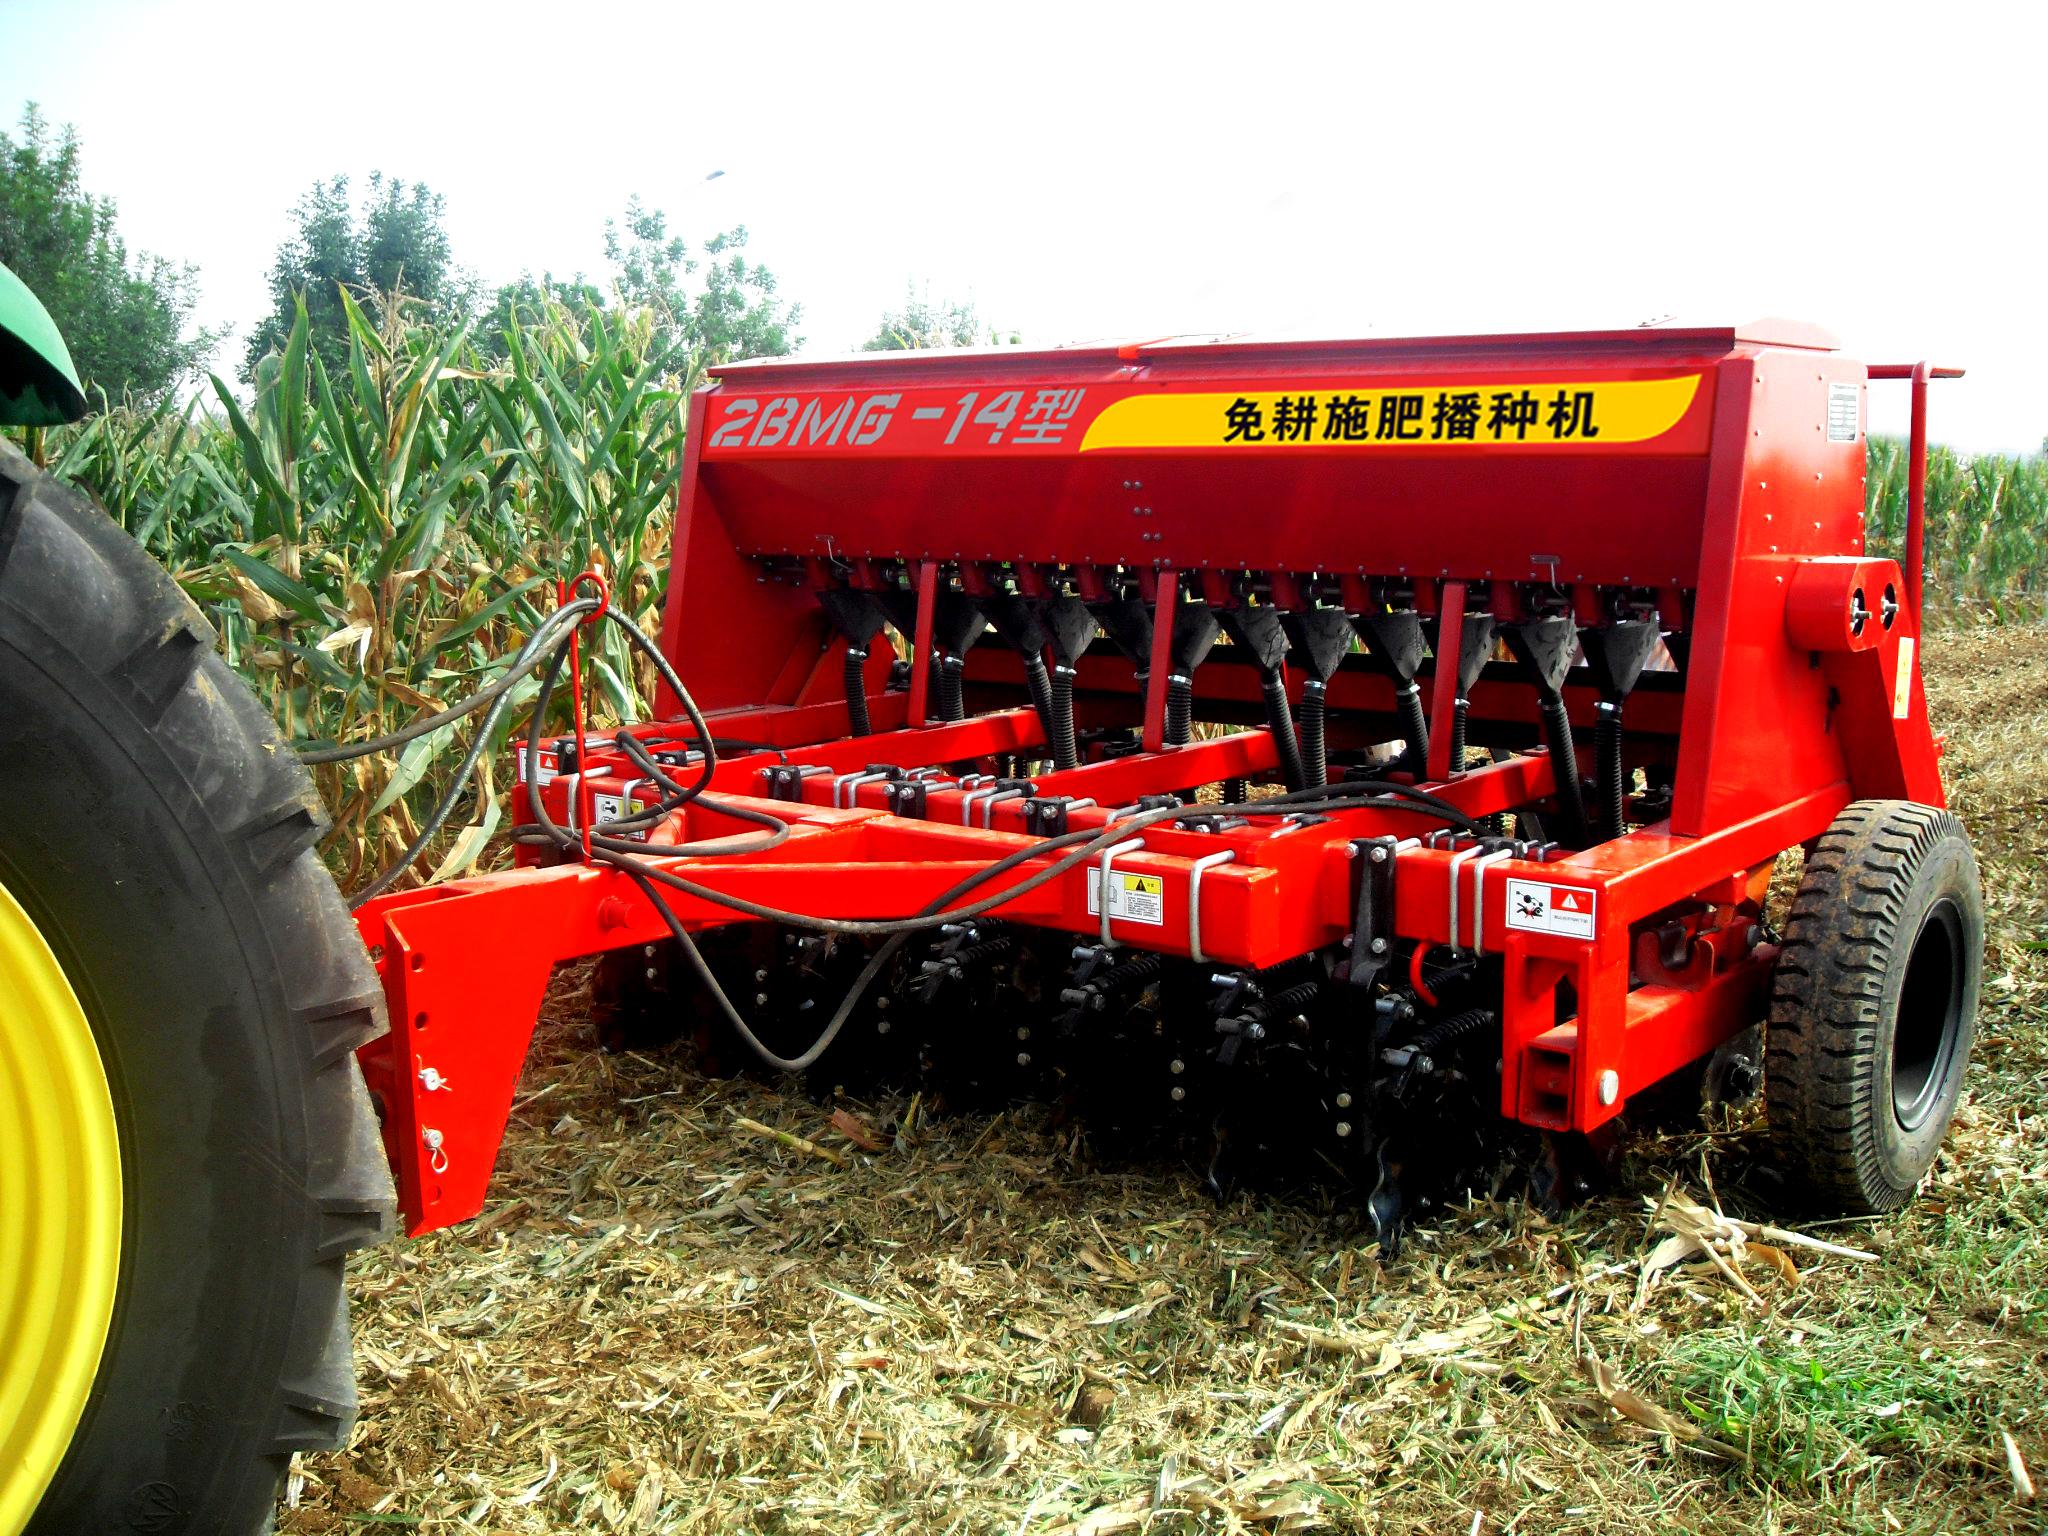 小麦播种机视频_2BMG系列免耕施肥播种机